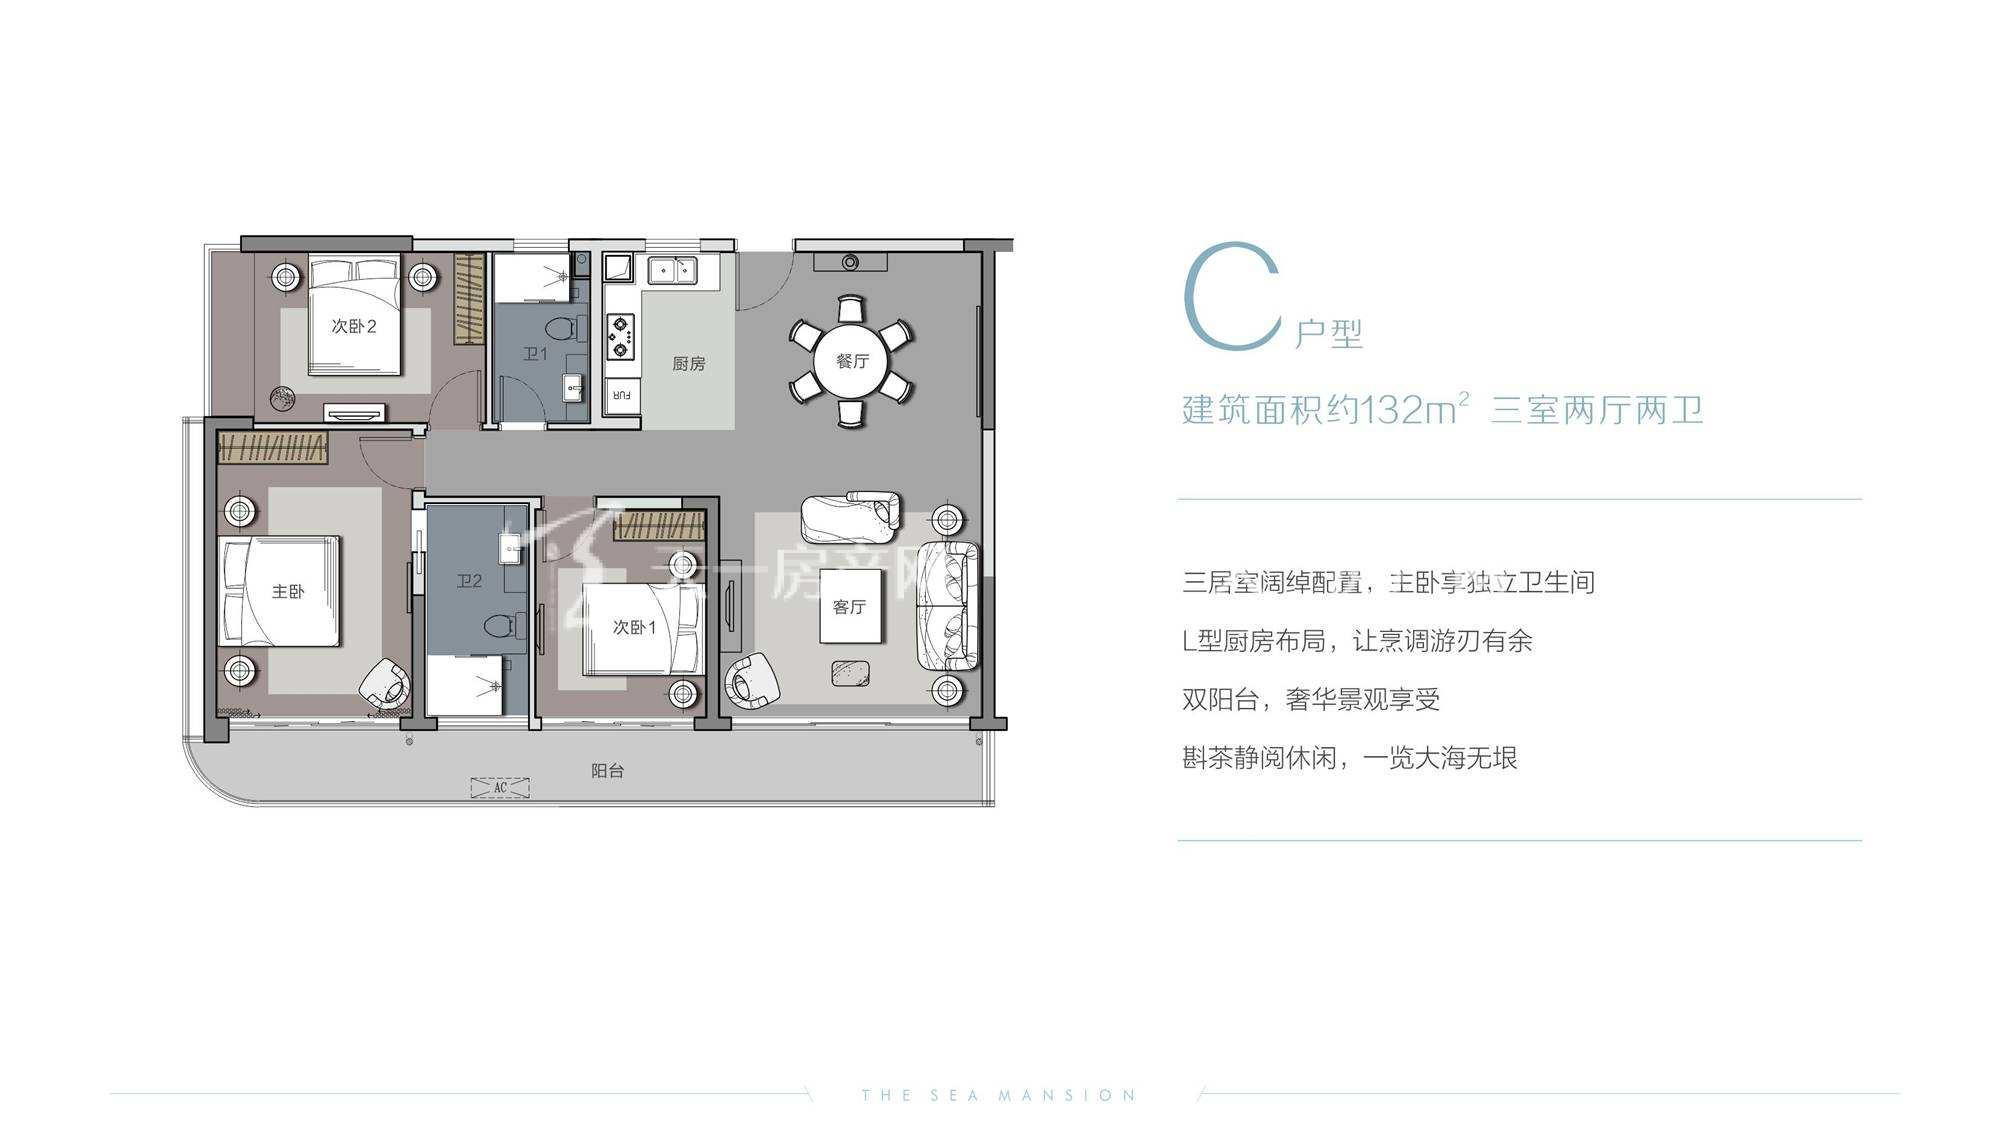 三亚璞海三室两厅 建筑面积132㎡